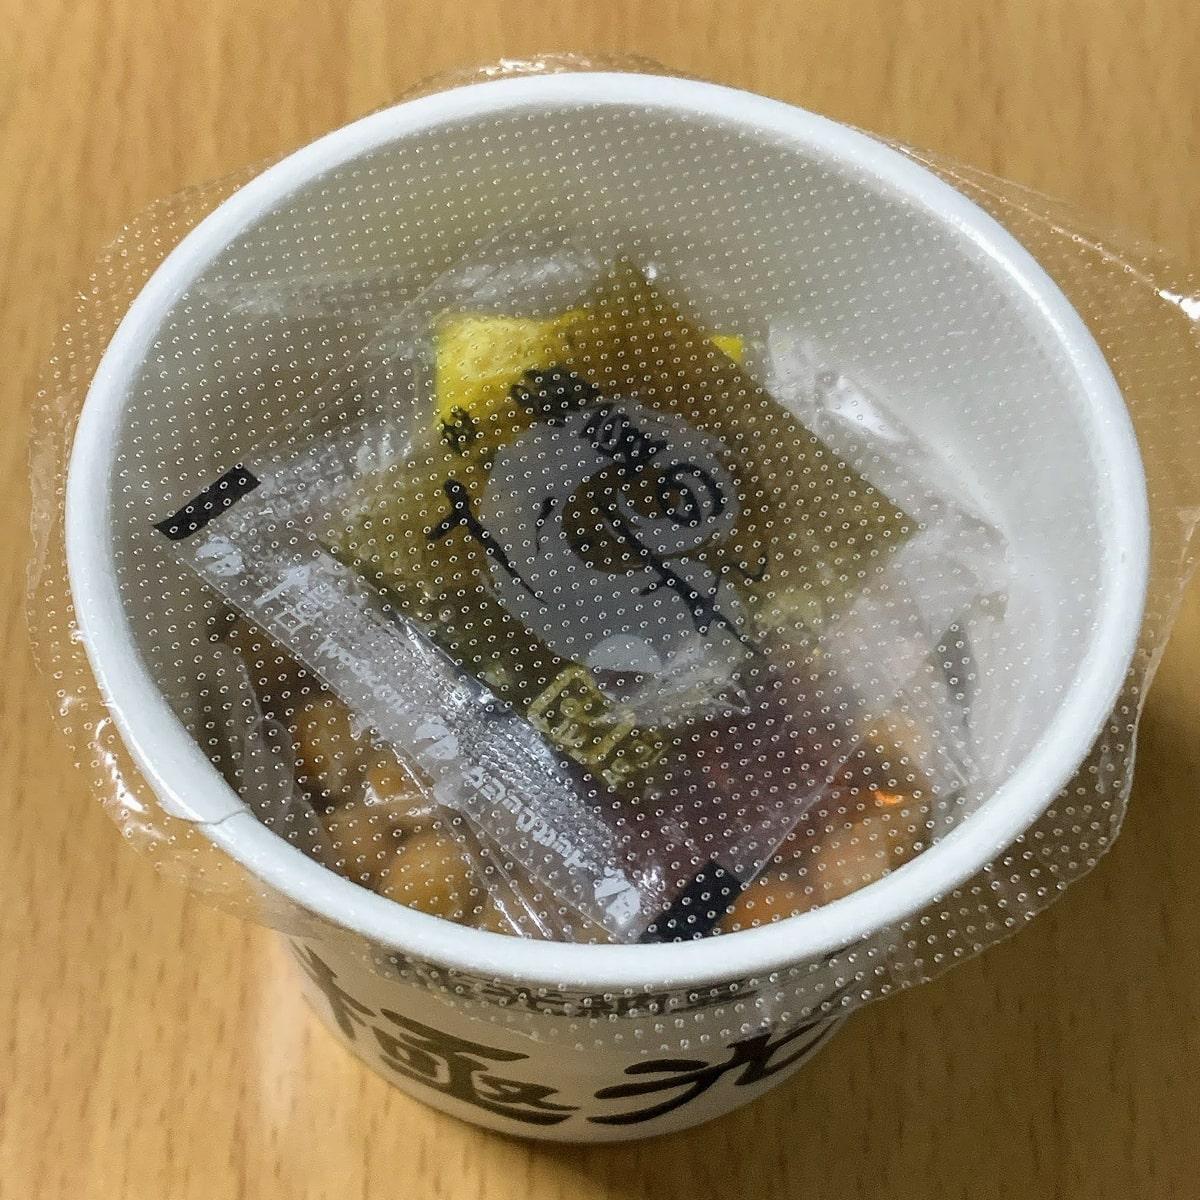 「極光納豆」のカップを上から見た画像